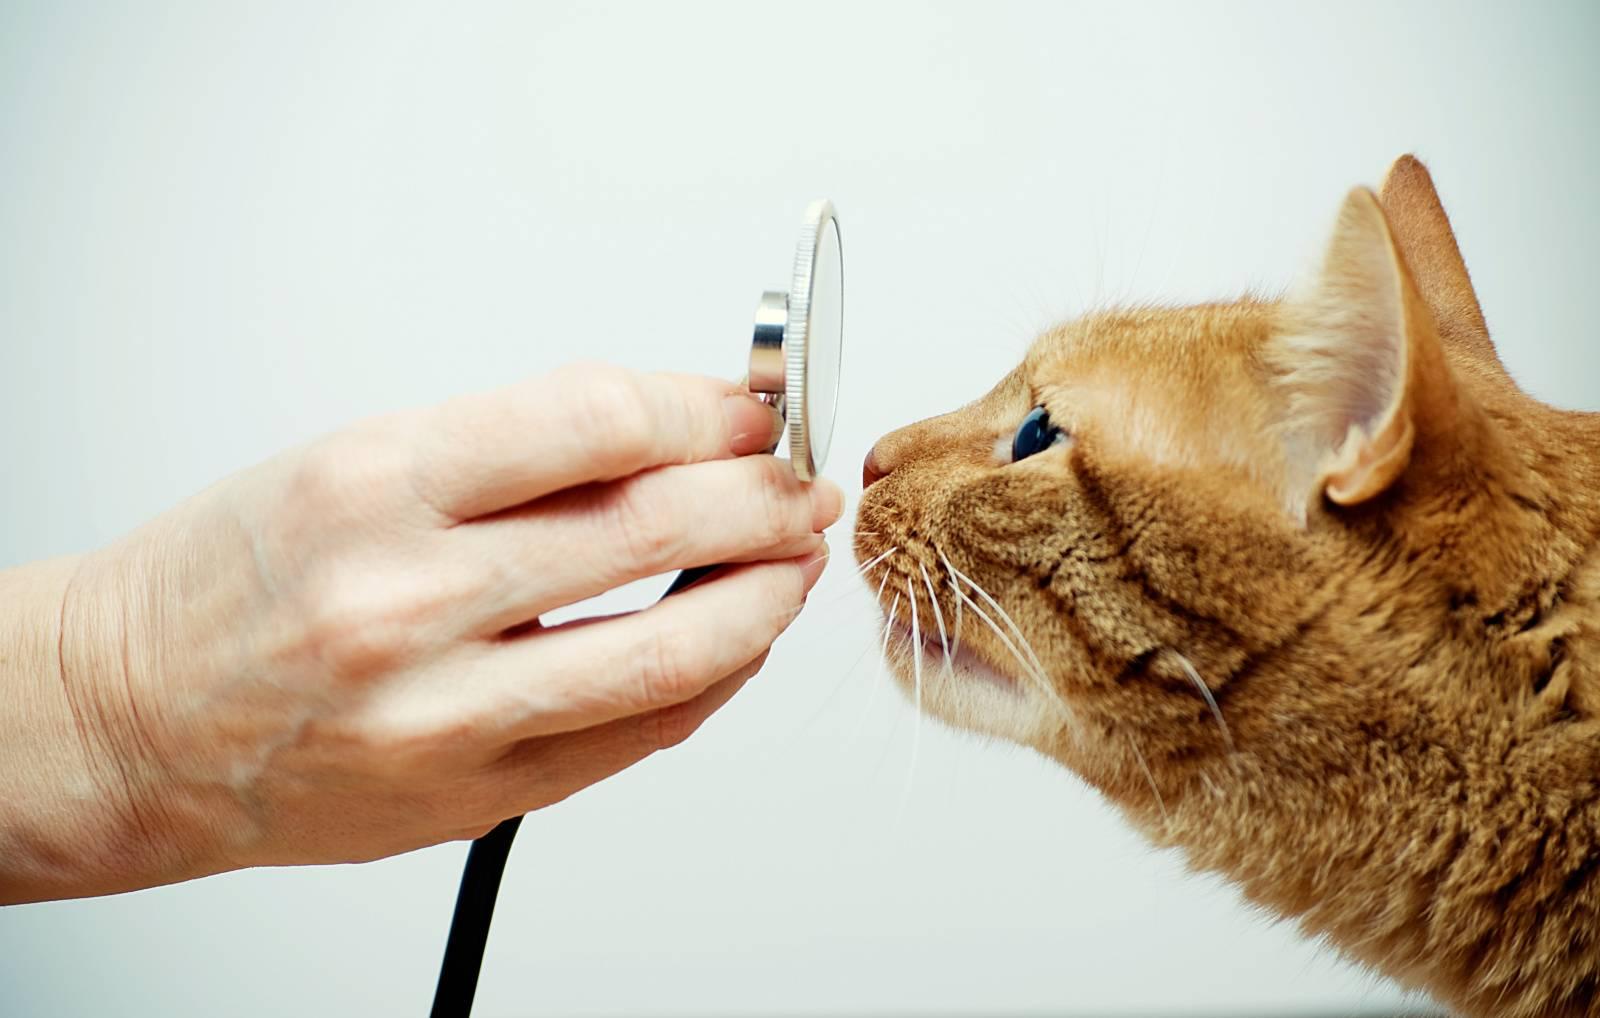 цены на ветеринарные услуги